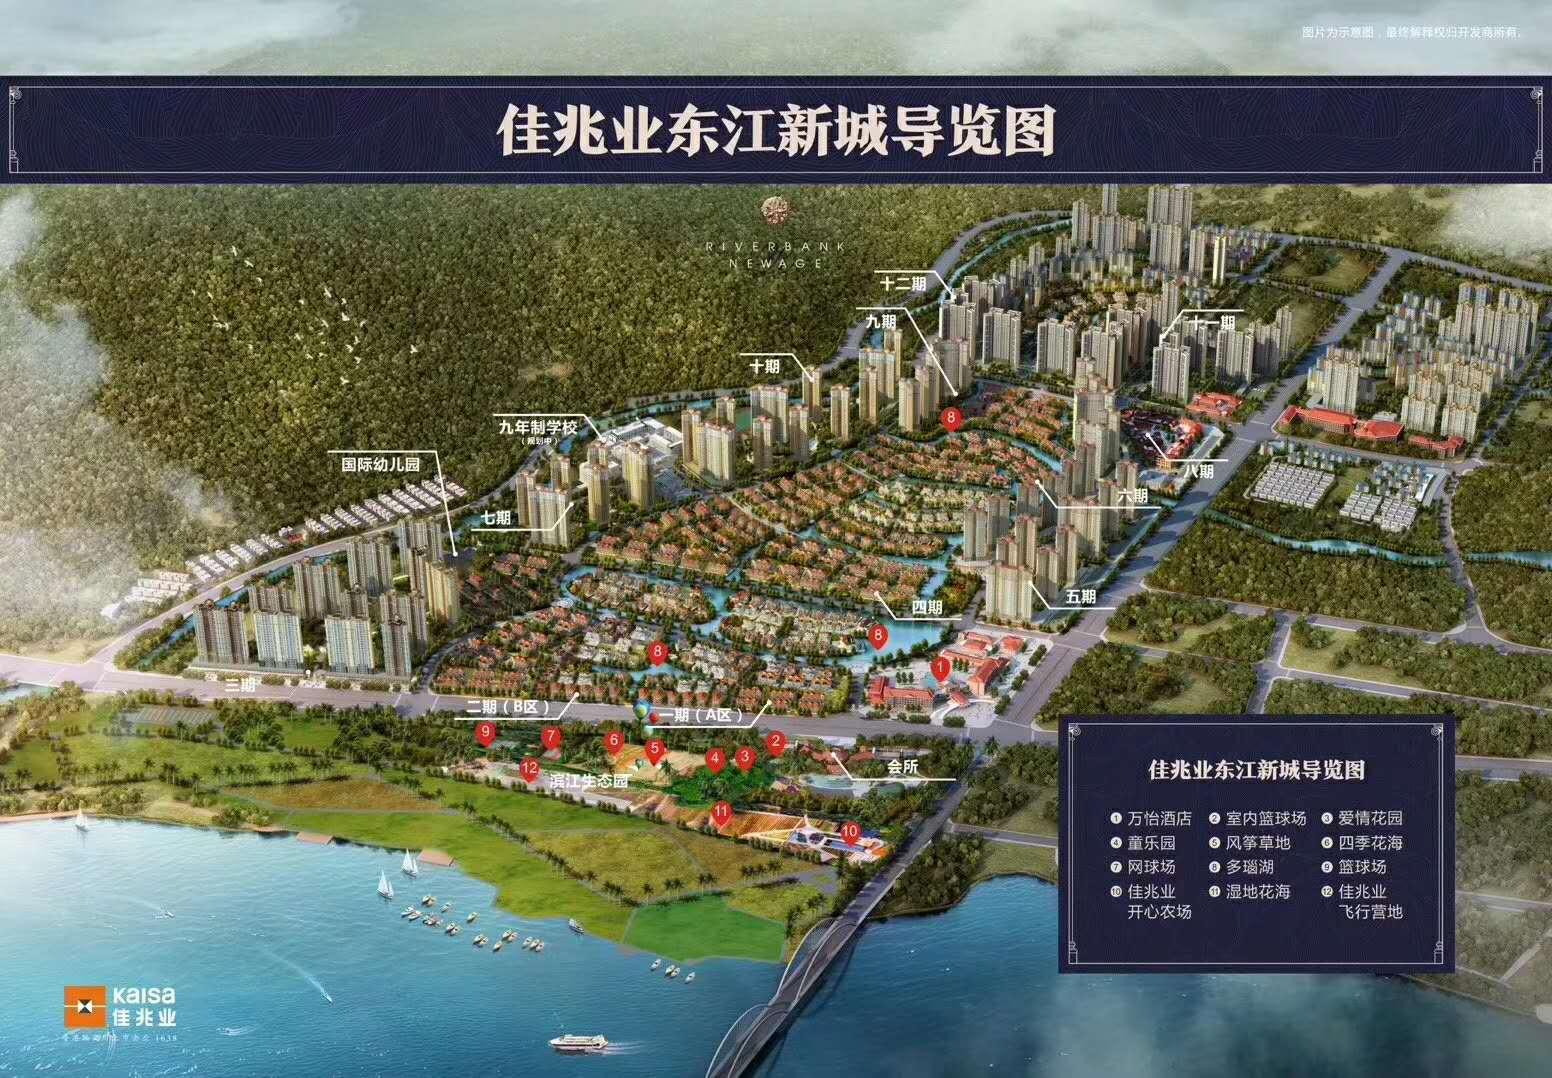 佳兆业东江新城在售住宅商铺别墅等产品